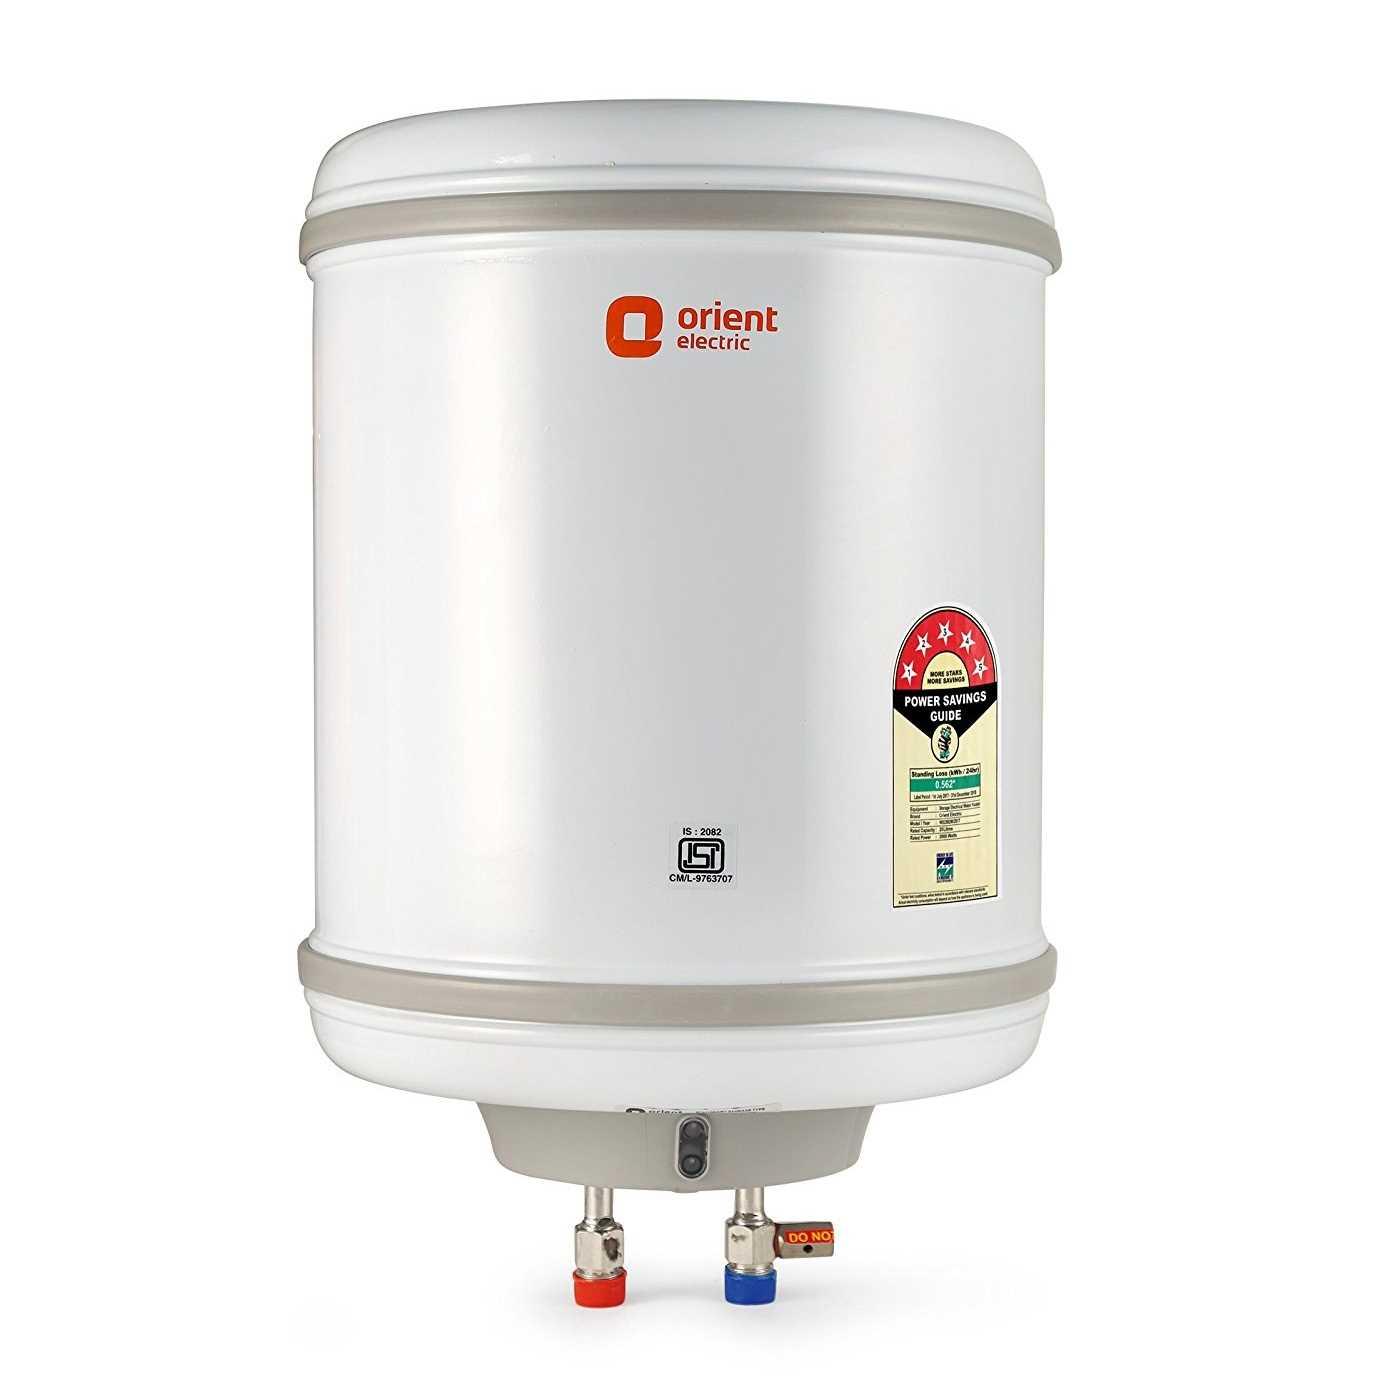 Orient WS2502M 25 Litres Storage Water Heater